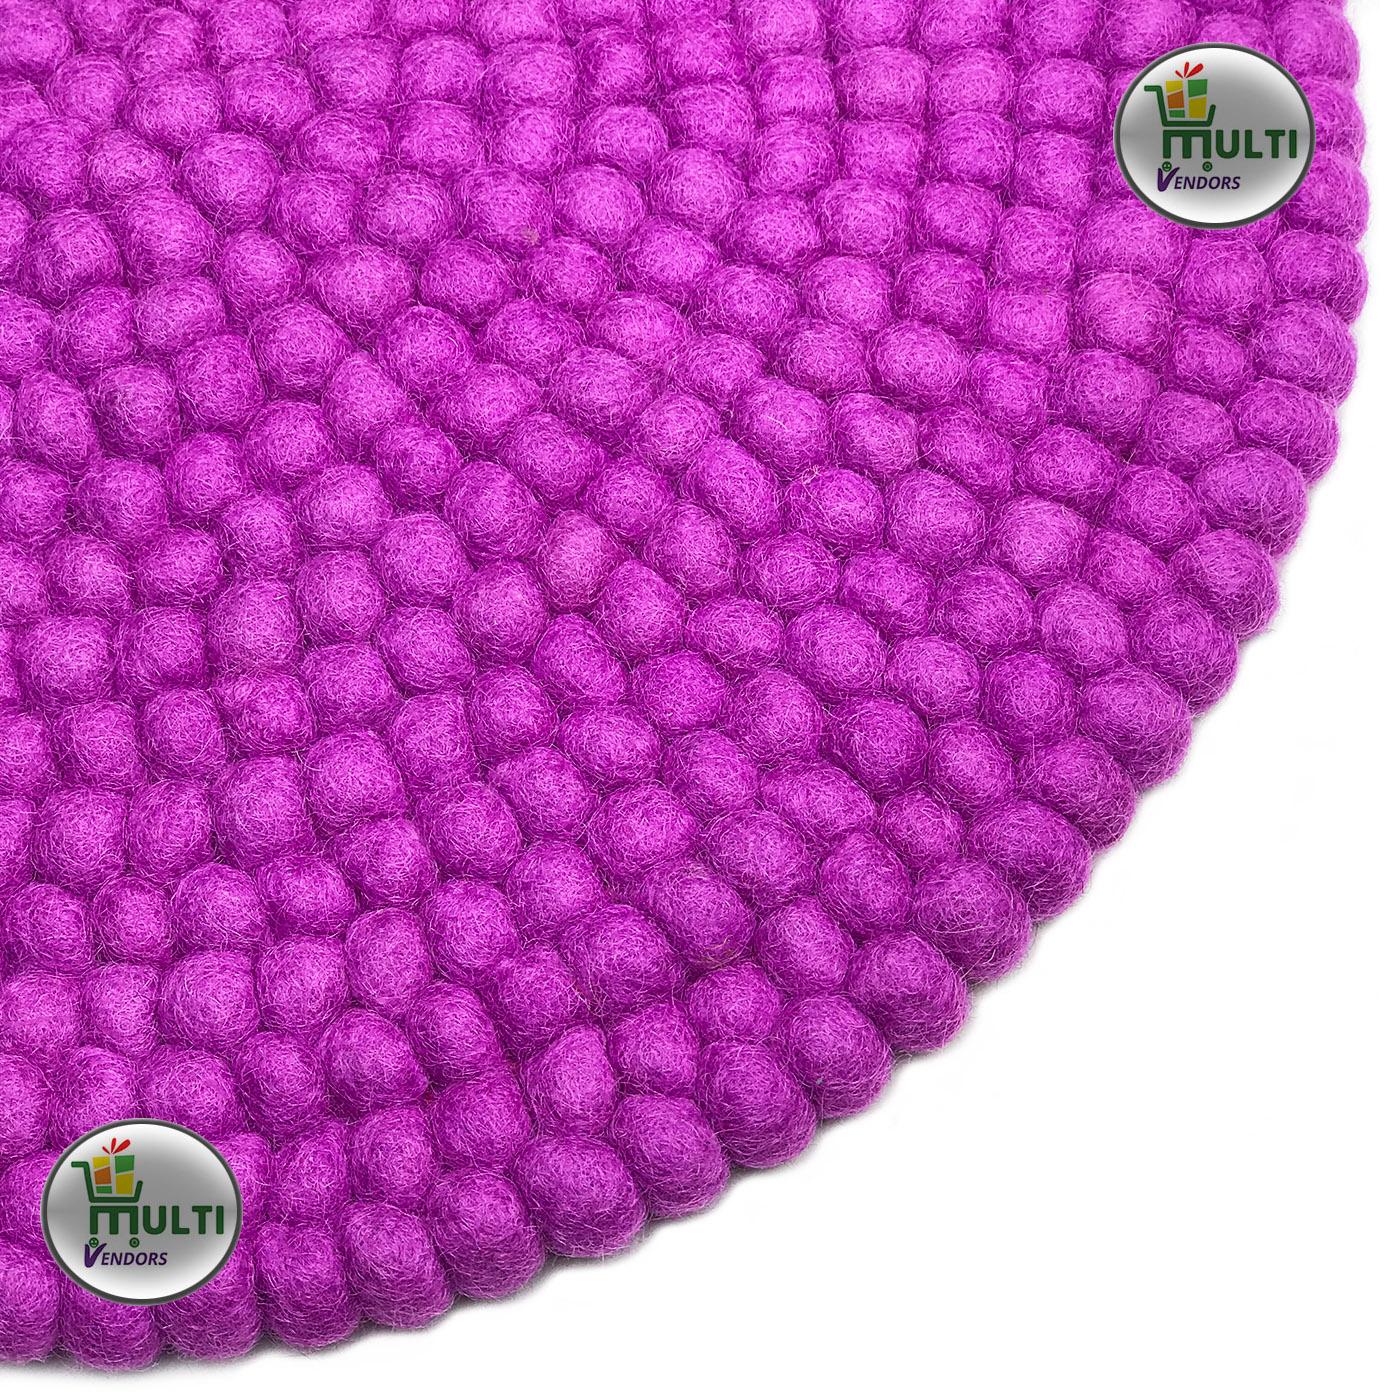 Round Magenta Color Felt Ball Rug -PU-21519